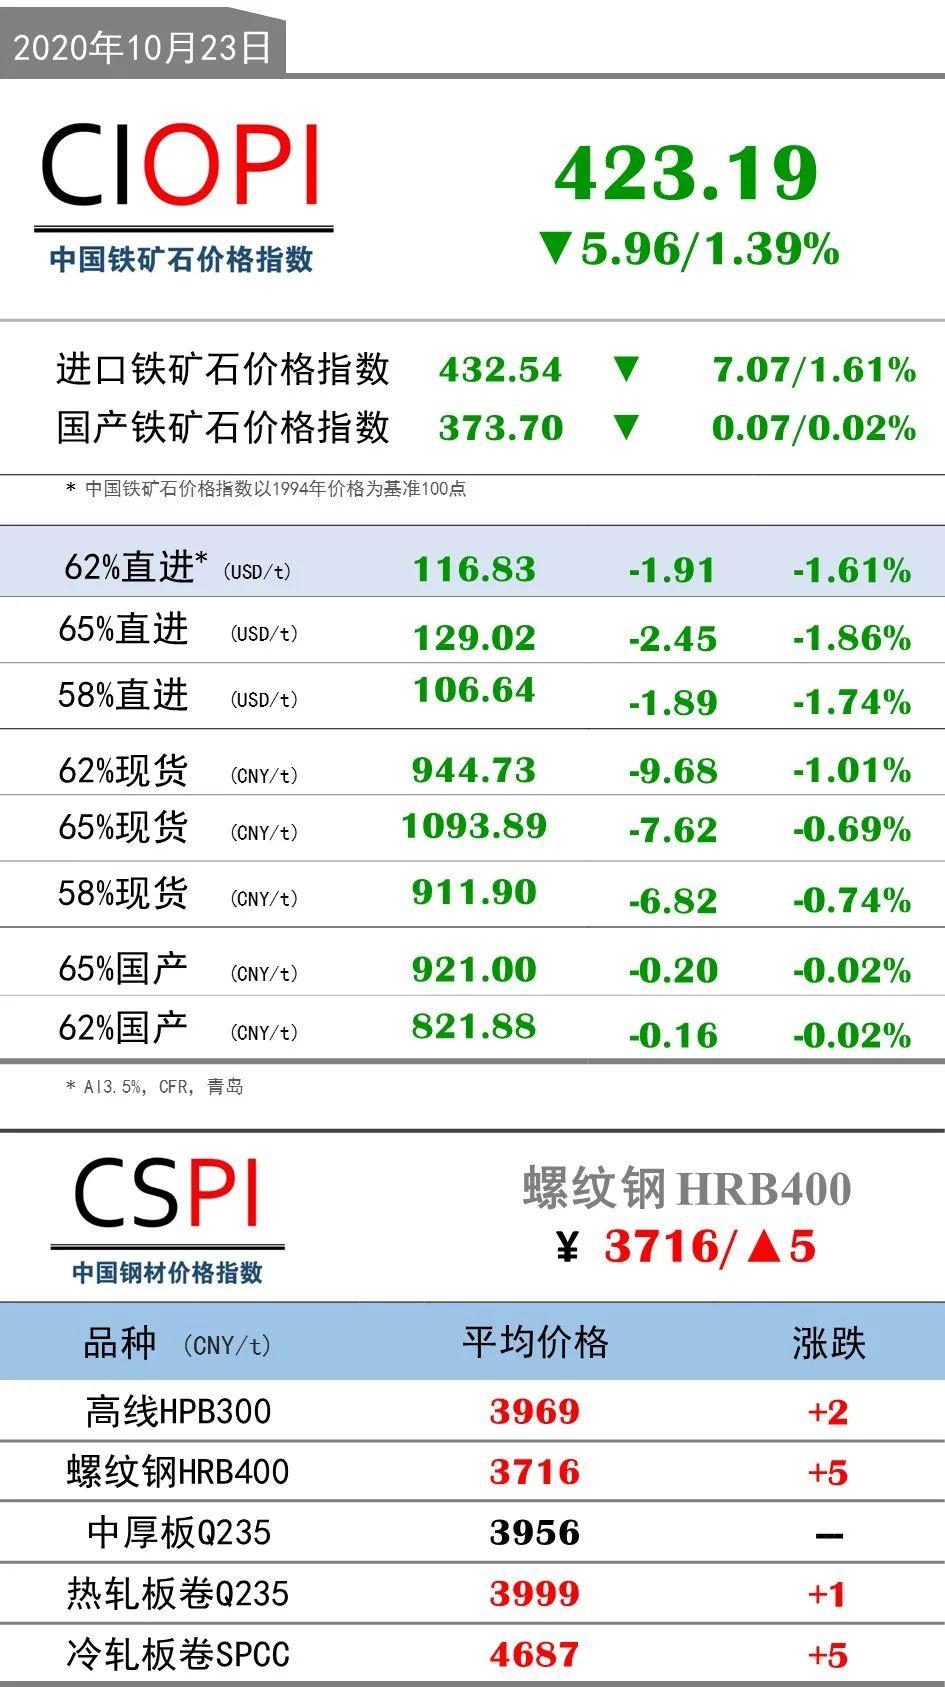 10月23日OPI 62%直进:116.83(-1.91/-1.61%)